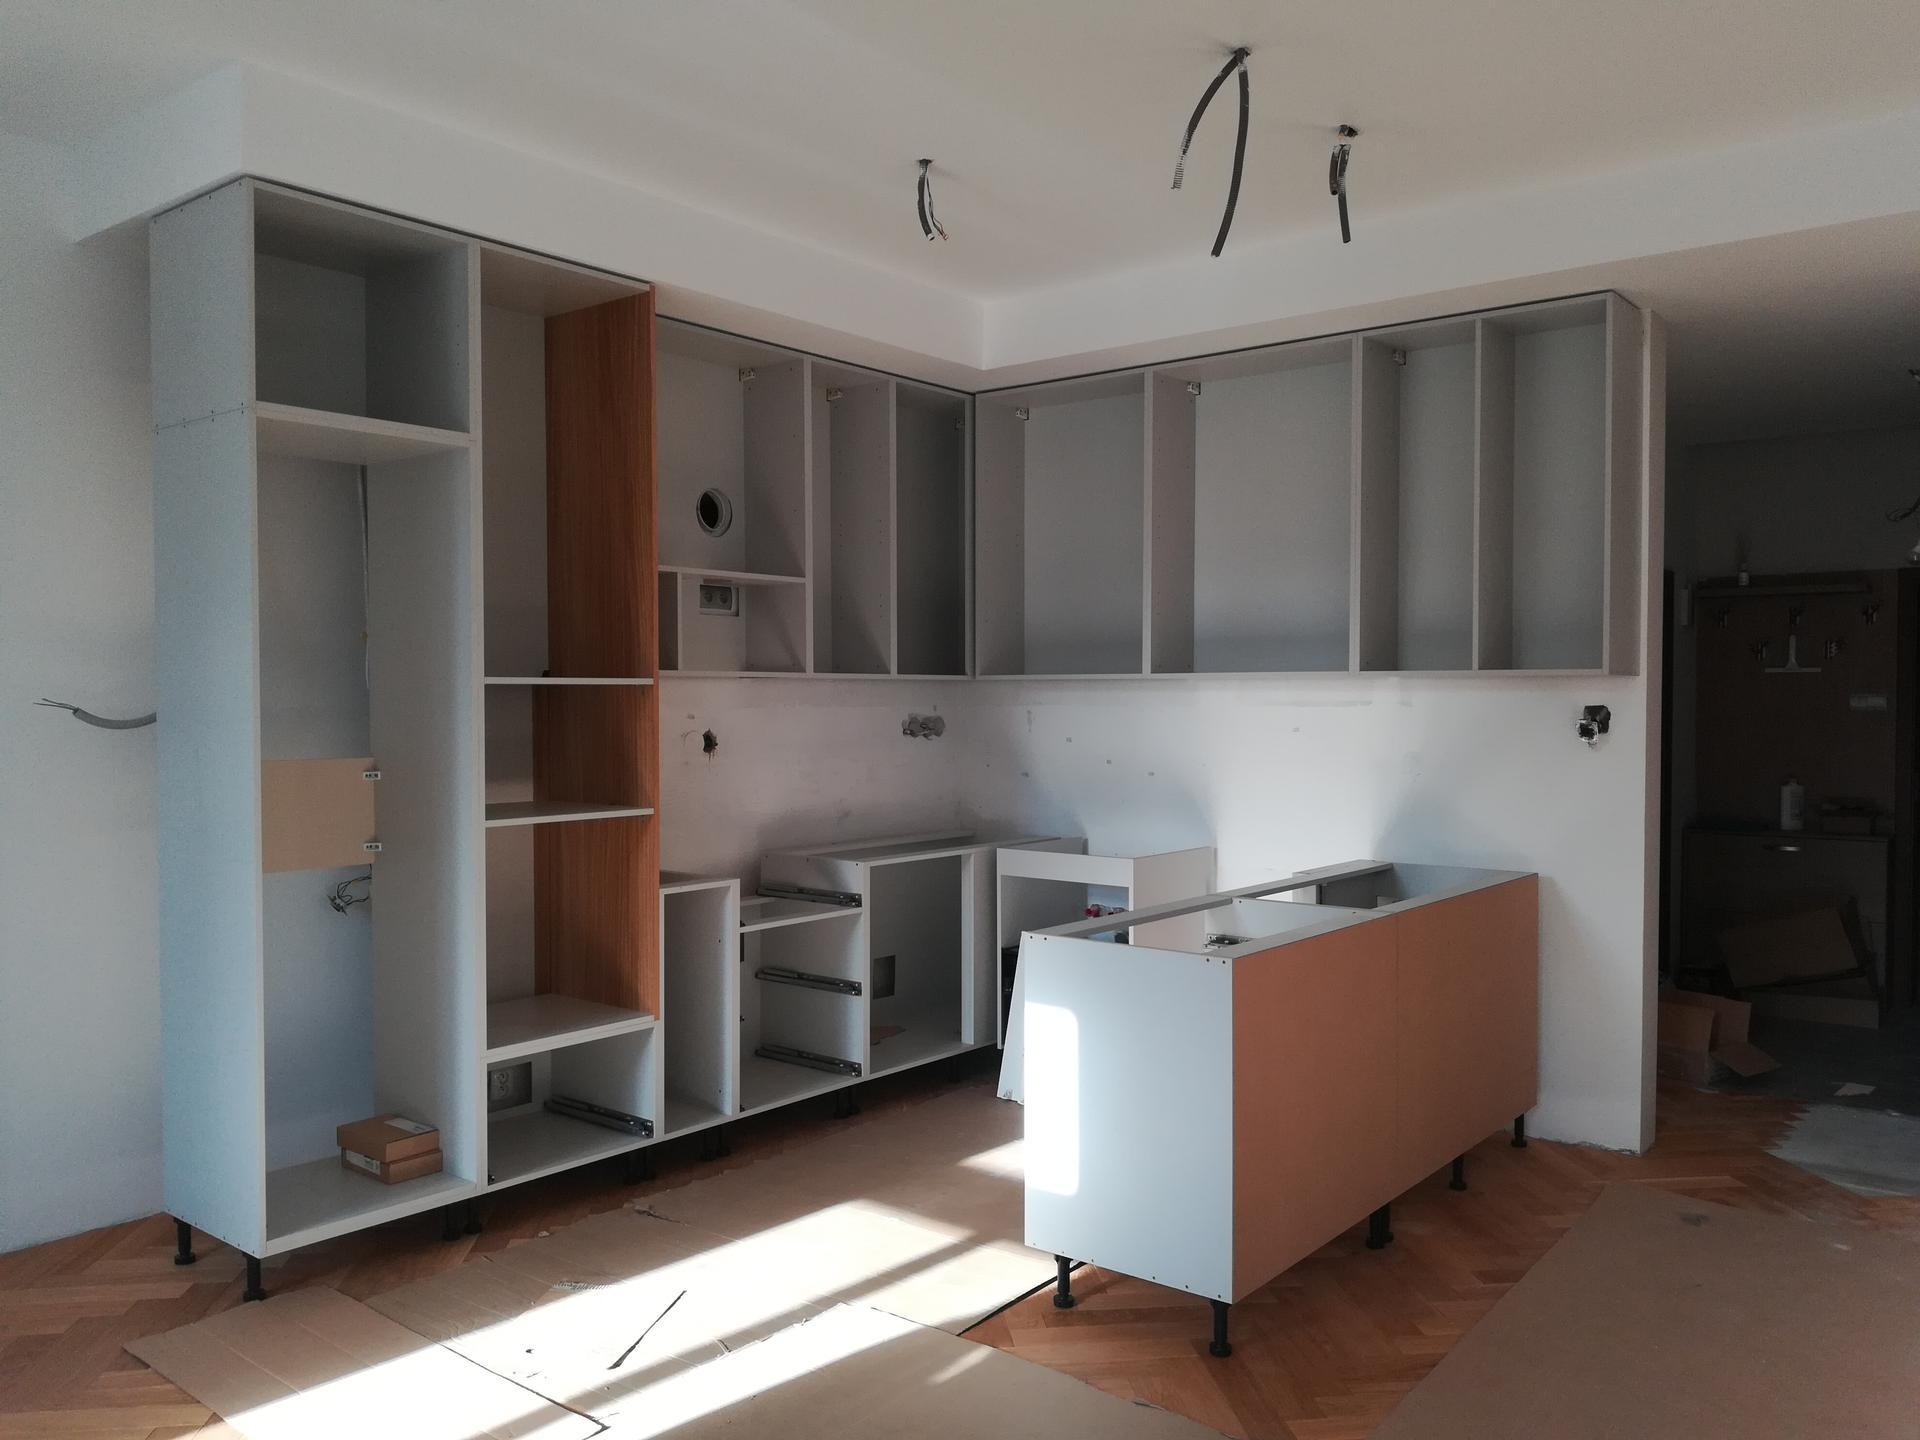 Kuchyňa 2 - Už to bude.